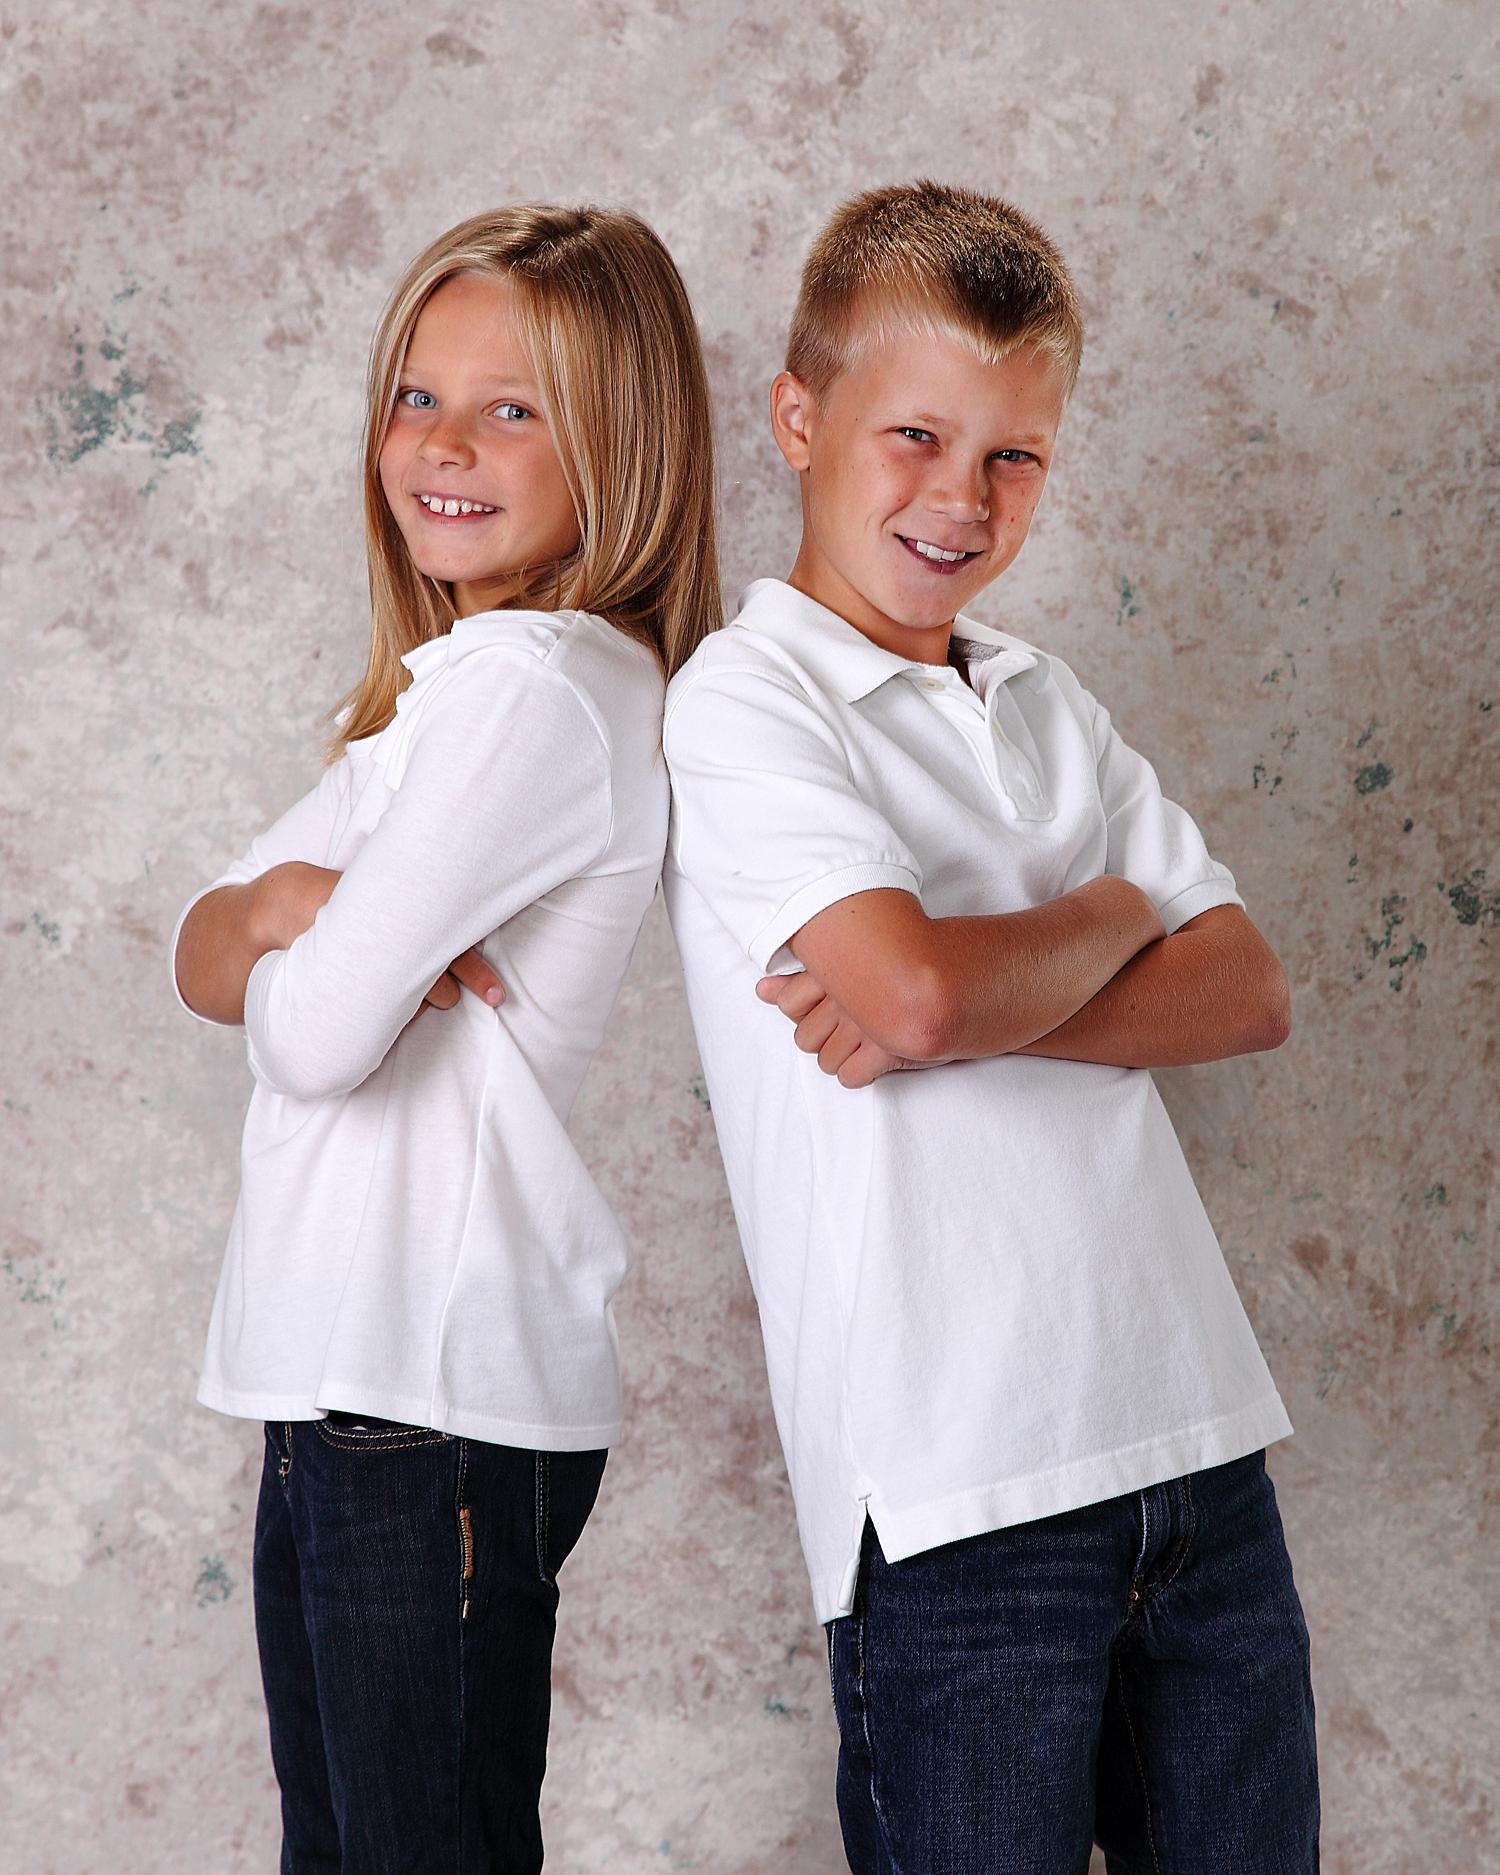 lesko_children_12.jpg